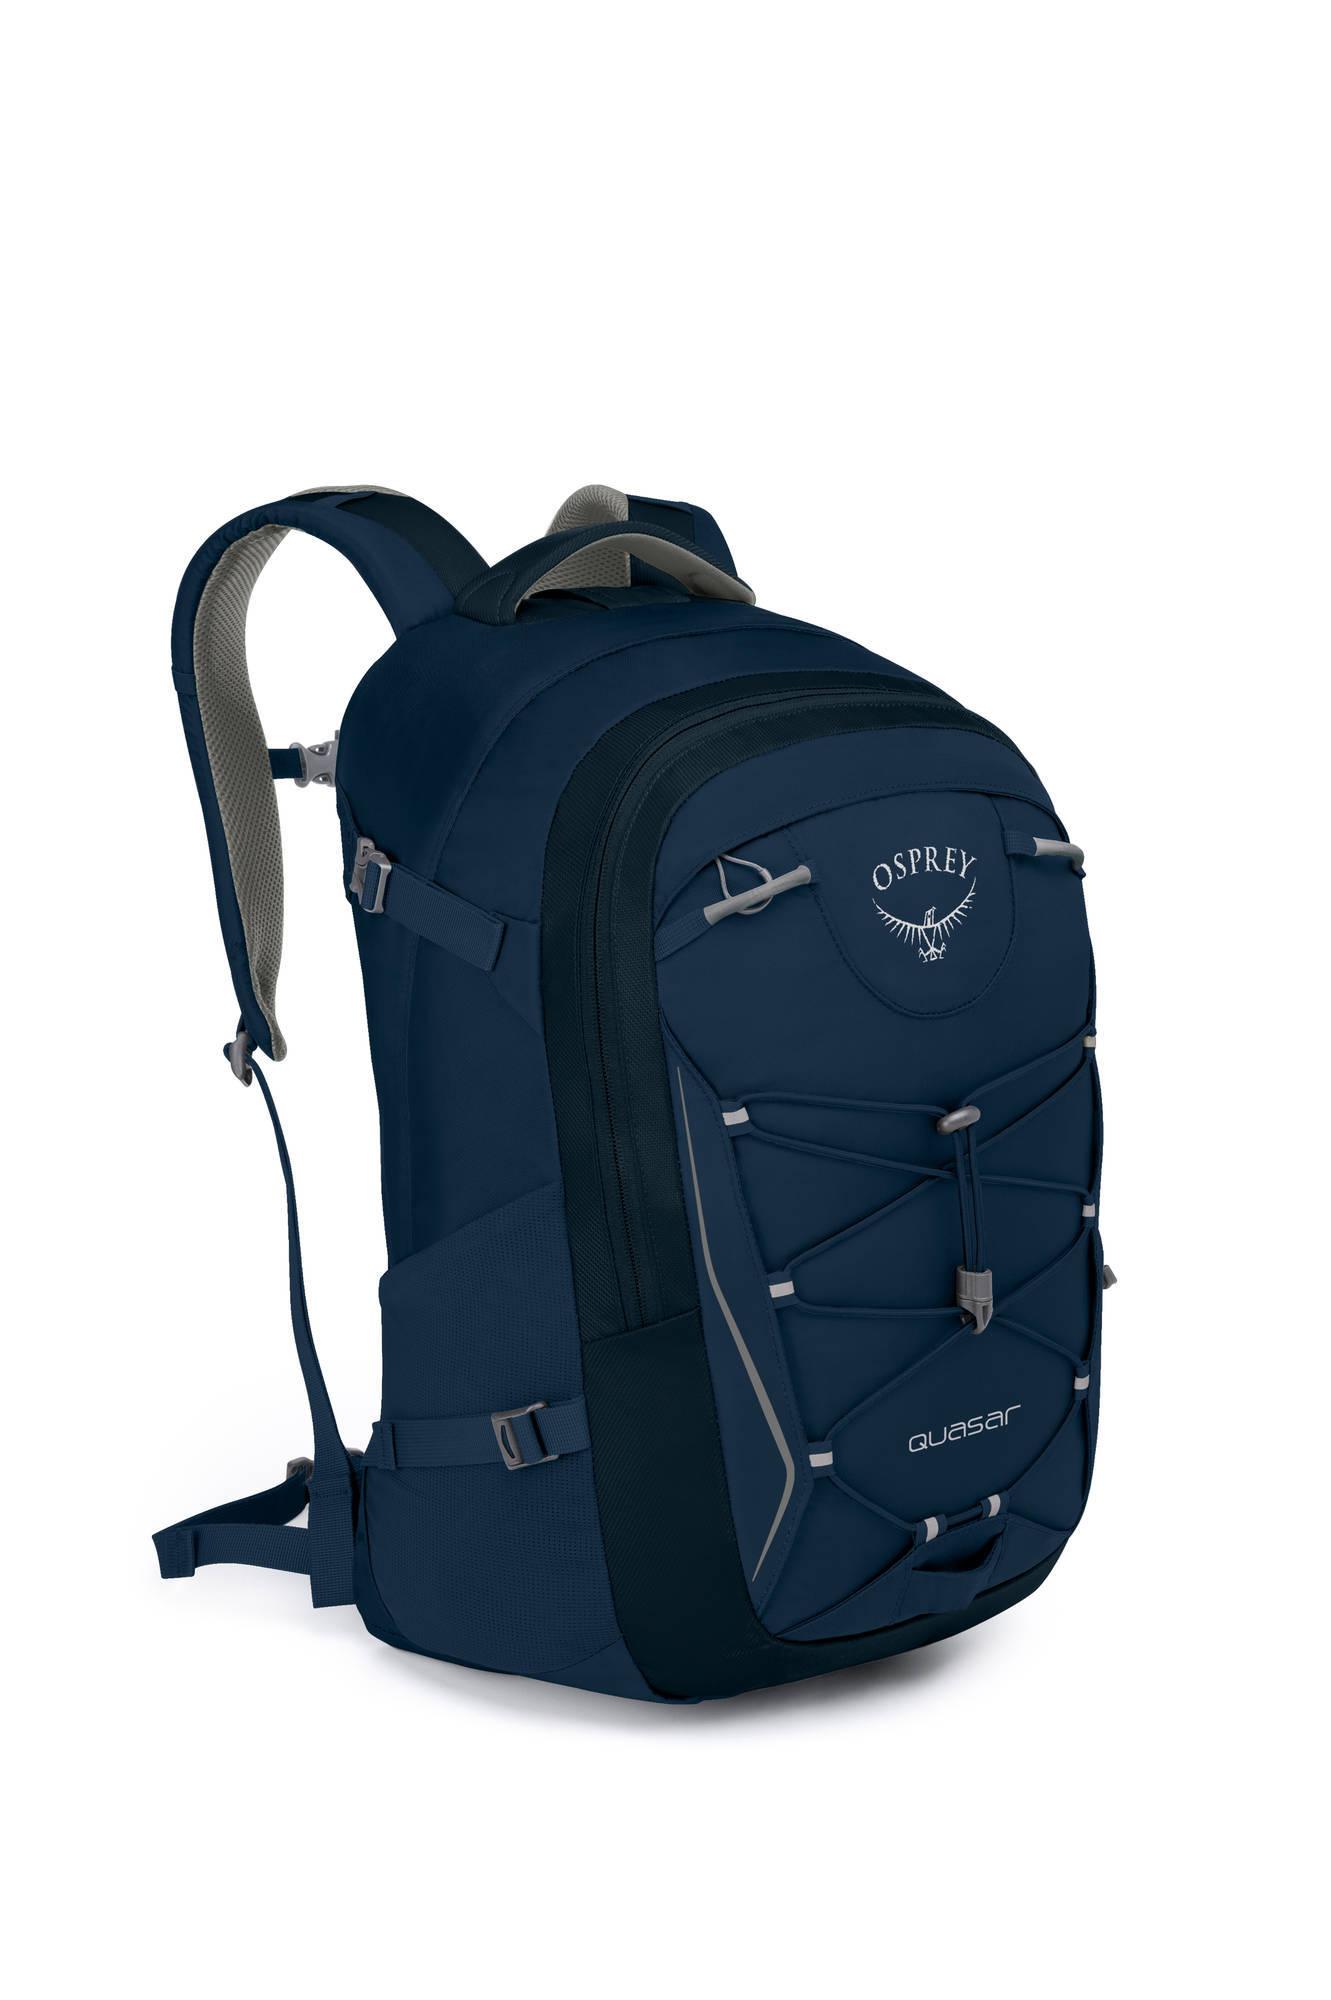 Городские рюкзаки Рюкзак городской Osprey Quasar 28 Navy Blue Quasar_28_Side_Navy_Blue_web.jpg